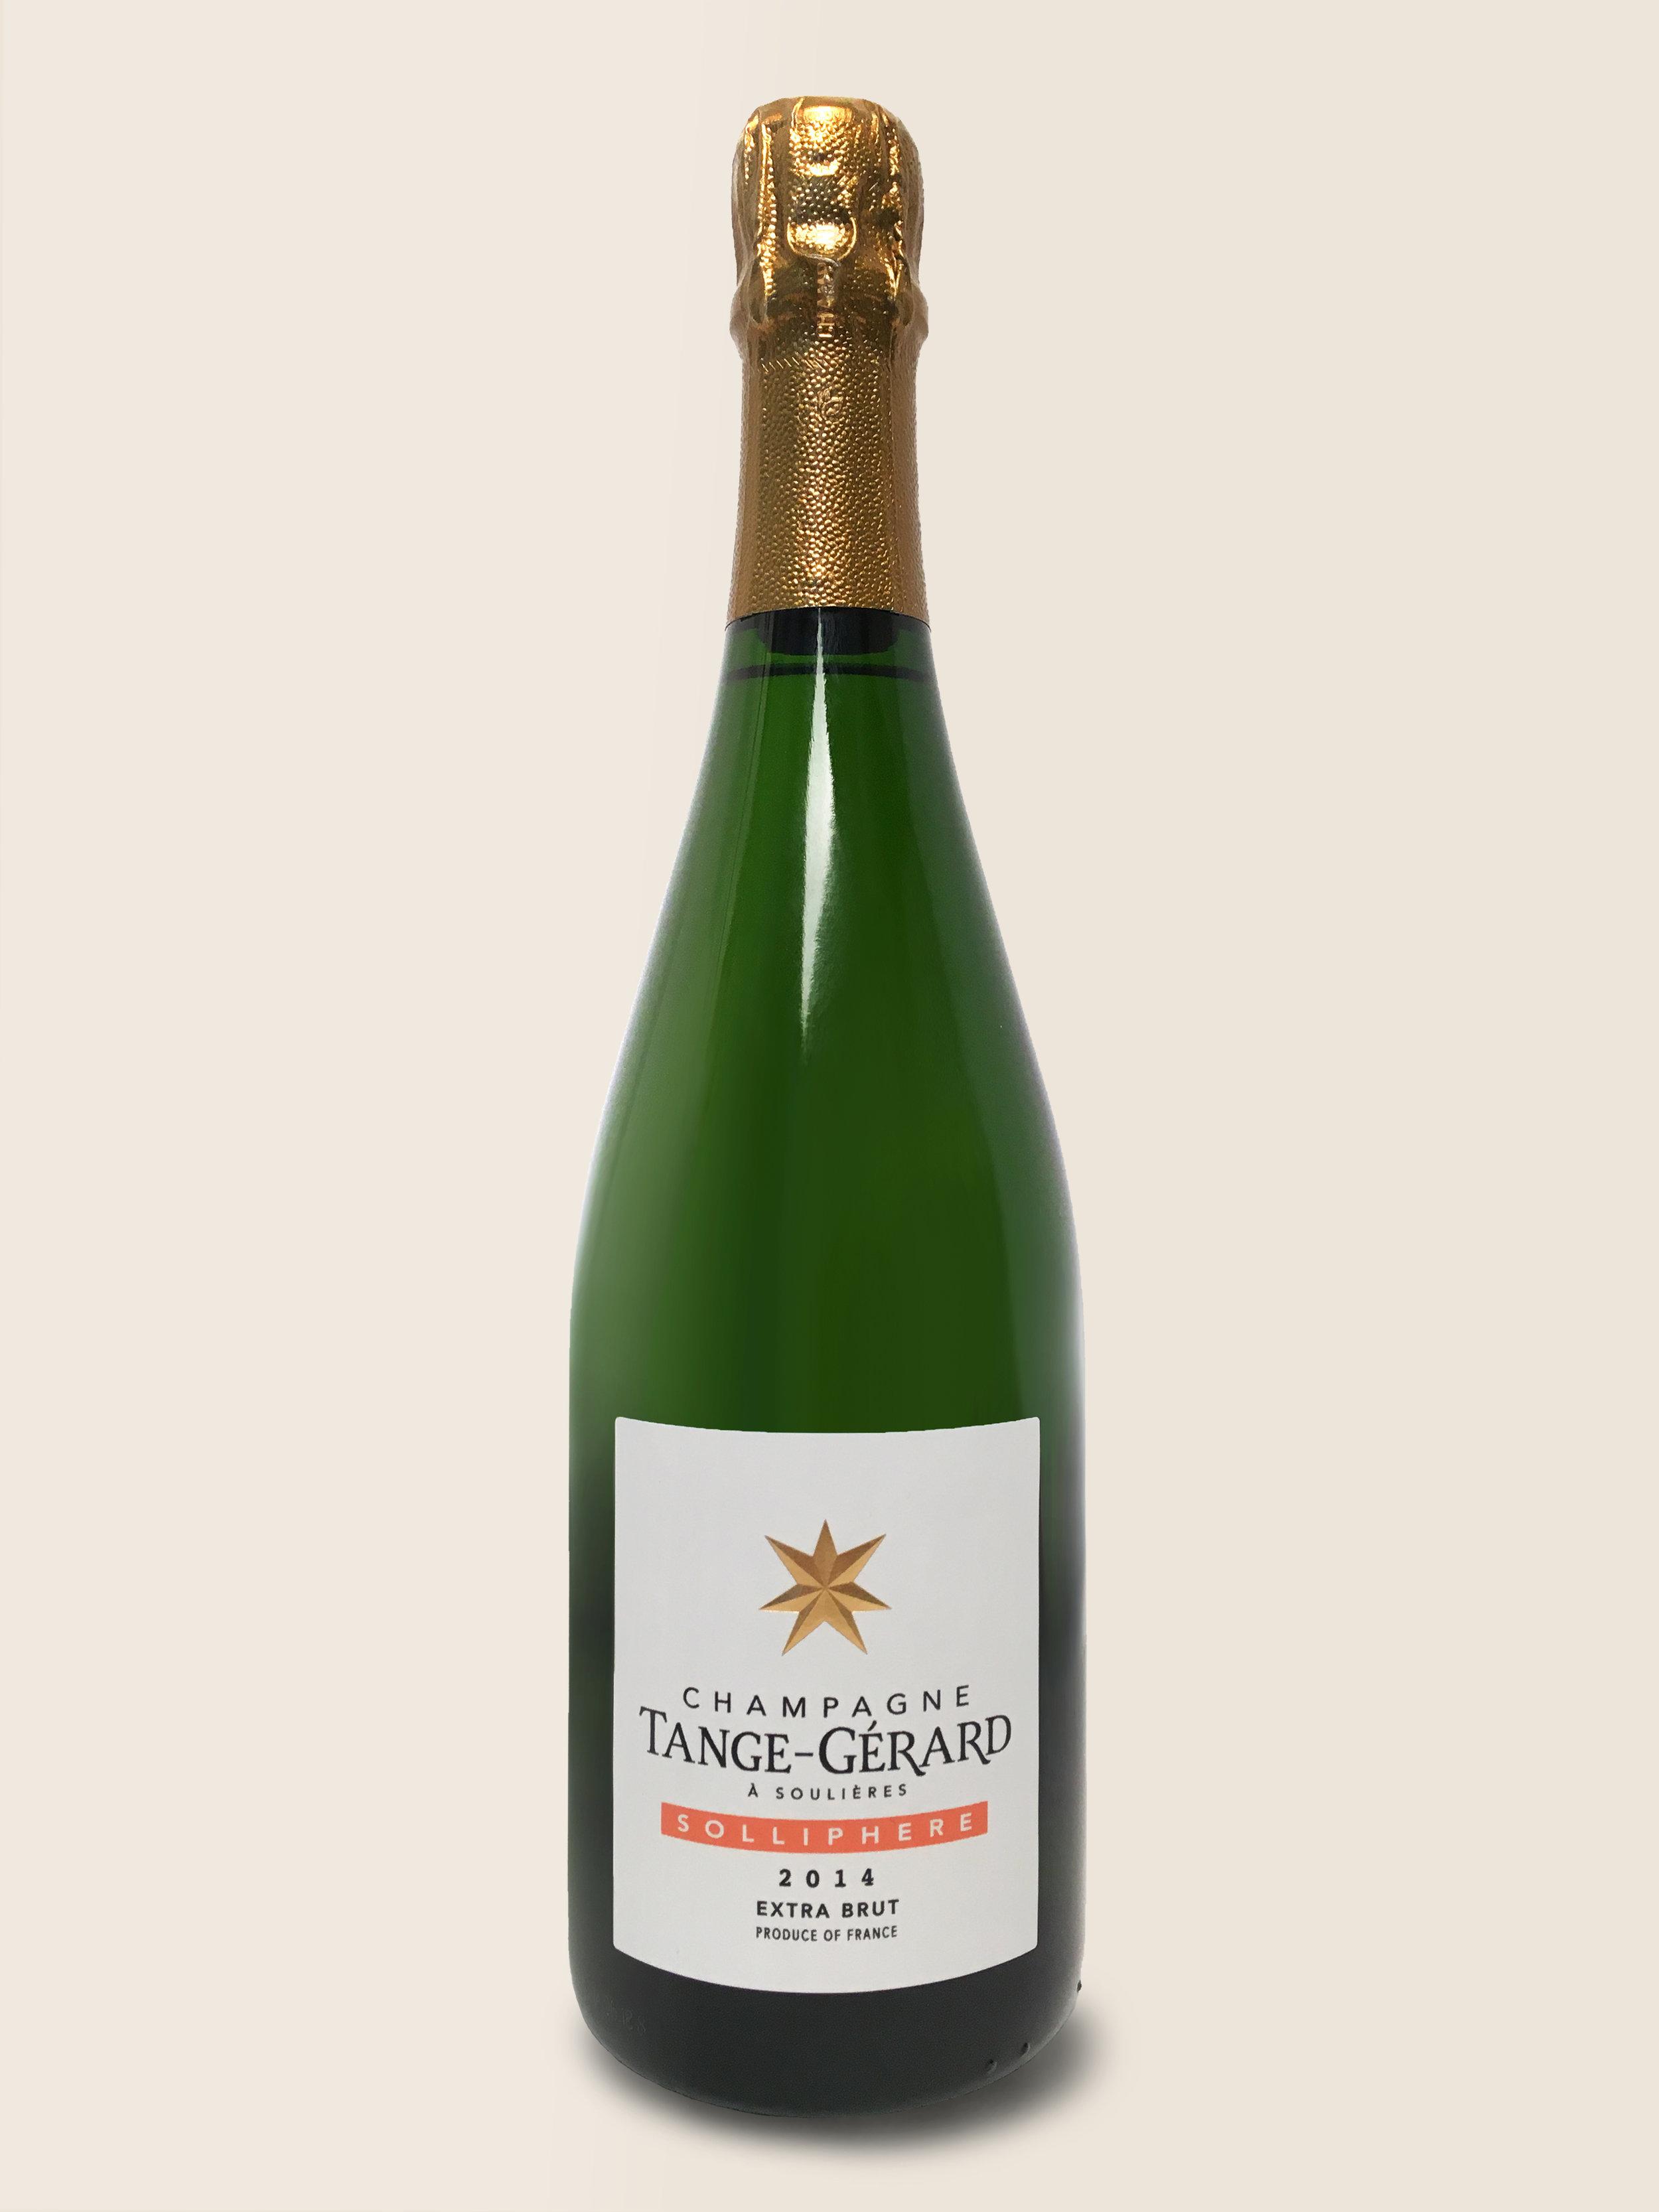 Solliphere - Solliphere er lavet af 100% Chardonnay druer fra én enkelt mark i 2014. Denne Tange-Gerard champagne har en balance mellem naturlig sødme og moderat syre, der afspejler sæsonen dette år.